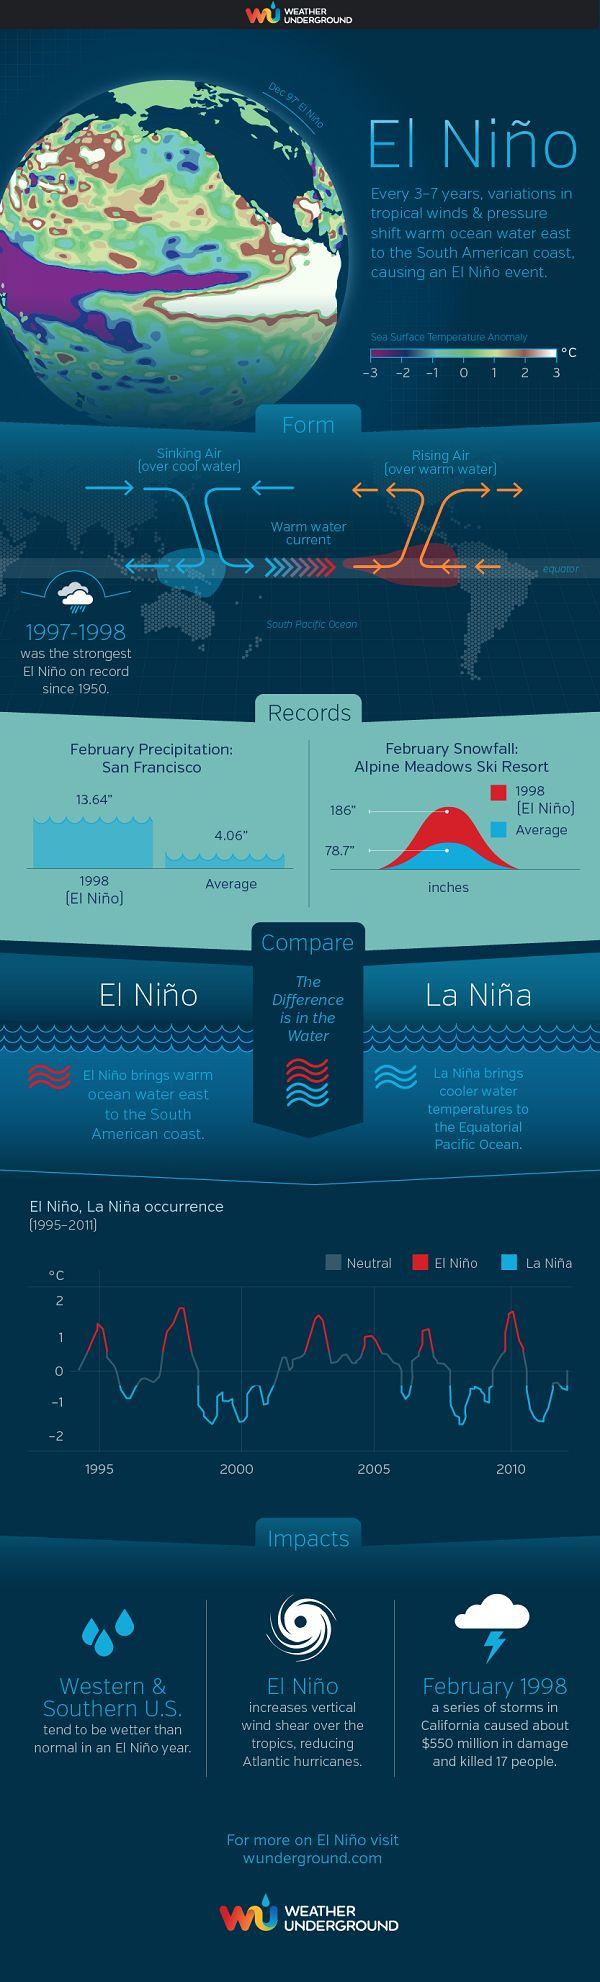 The difference between El Nino and La Nina